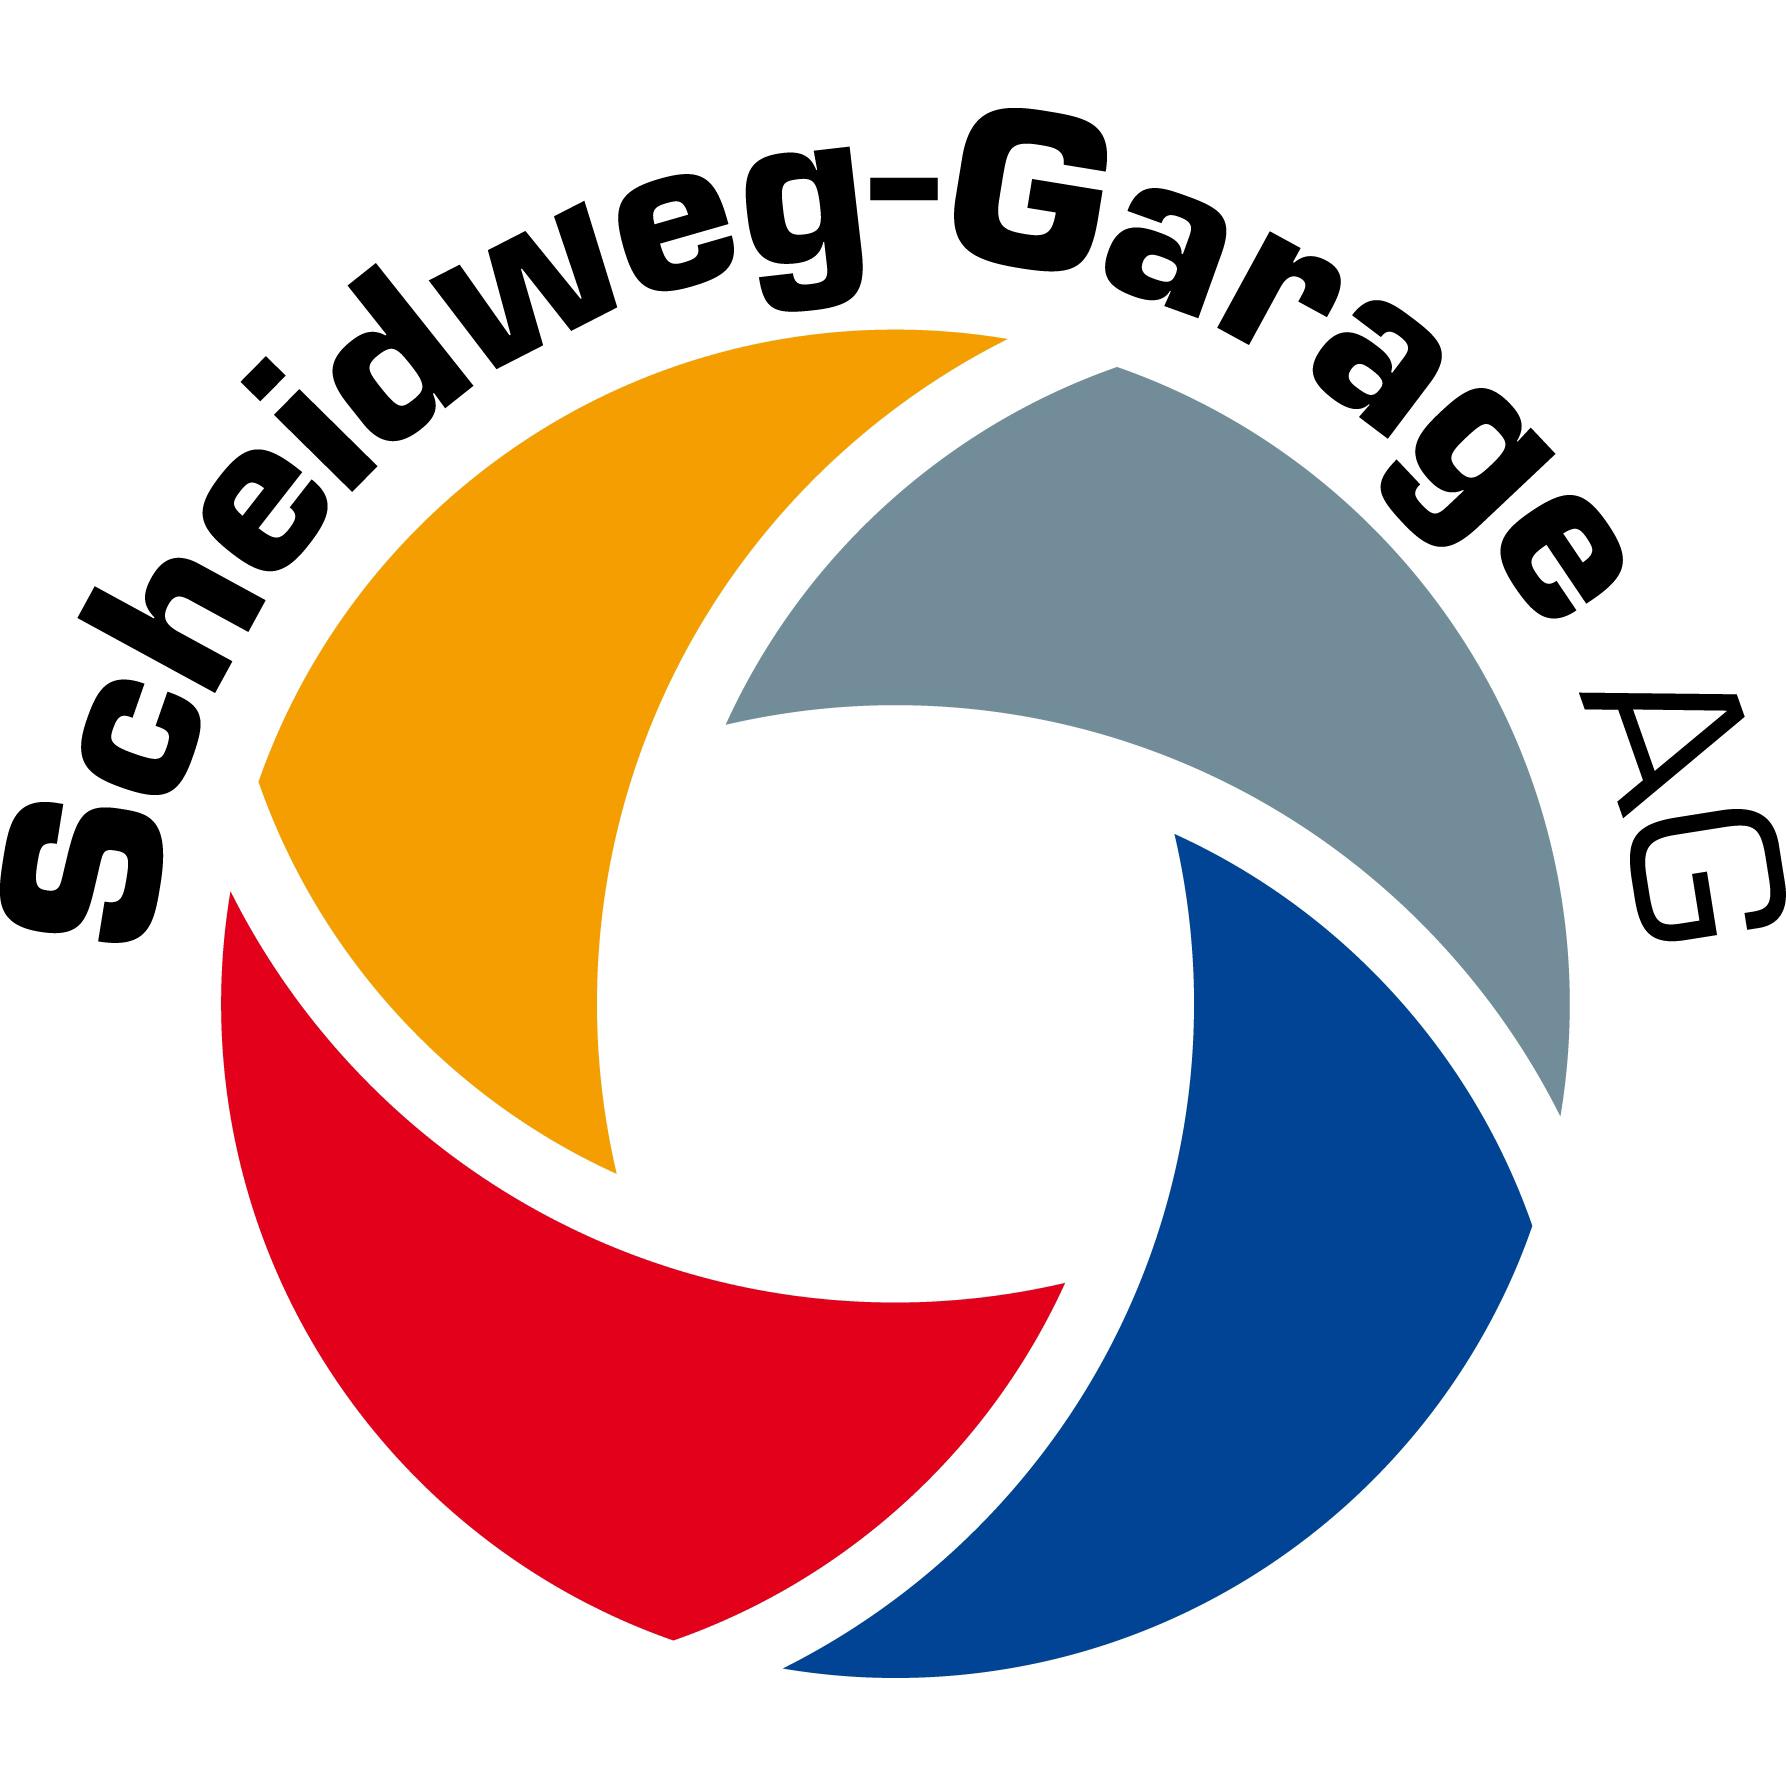 Scheidweg-Garage